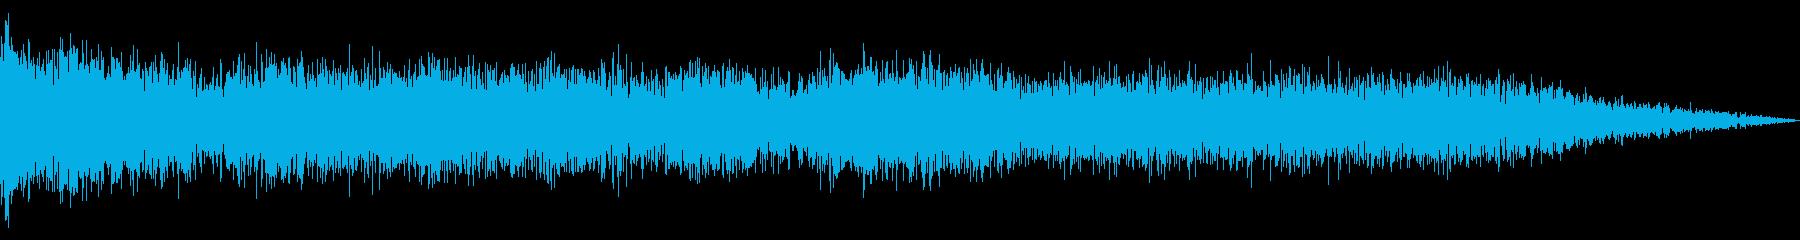 爆発、距離、長い、ミュート; DI...の再生済みの波形